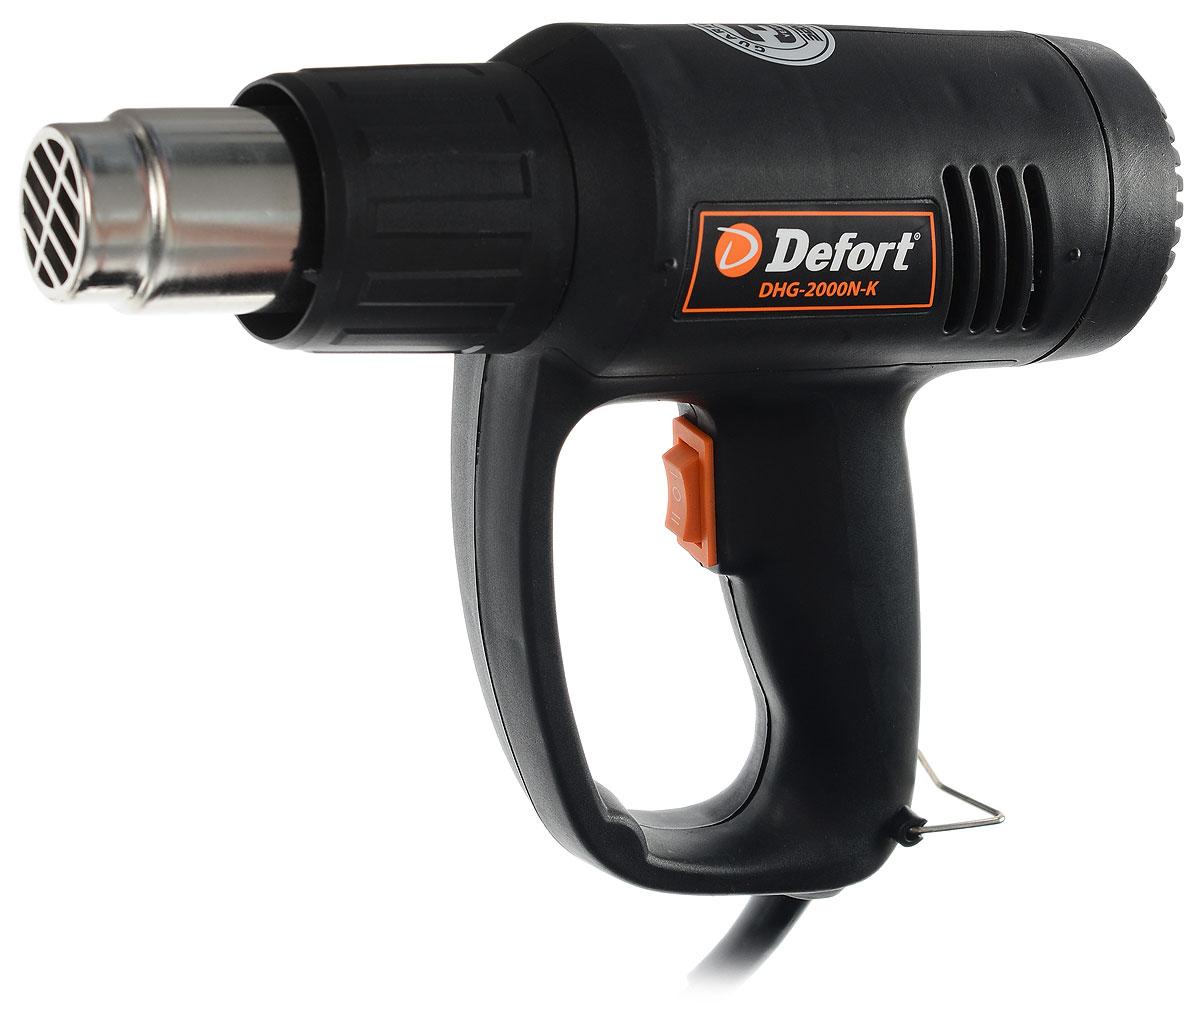 Строительный фен Defort DHG-2000N-K, цвет: черный93720490_черныйФен технический Defort DHG-2000N-K поможет быстро и качественно снять старую масляную краску с деревянных поверхностей, высушить небольшой объект, нагреть термоусадочную трубку. Фен имеет два режима работы и устройство, защищающее от перегрева. Фен отличается оригинальным дизайном, конструкция рукоятки предохраняет руку пользователя от контакта с обрабатываемой поверхностью. Назначение: - соединение водопроводных труб, пайка, продувка трубопроводов; - пожаробезопасное удаление лакокрасочных покрытий; - быстрое просушивание влажных предметов; - просушивание ремонтируемых поверхностей; - бесследное удаление самоклеящихся этикеток; - нанесение наклеек или этикеток из ПВХ; - удаление пузырей после нанесения наклеек или этикеток из ПВХ; - быстрое удаление ковровых покрытий из винила; - придание нужной формы синтетическим материалам и изделиям, включая акрил и плексиглас; - расплавление различных синтетических материалов, включая имеющие в составе покрытие из ПВХ; - монтаж и установка труб из термоусадочных материалов; - упаковка в термоусадочные материалы; - разогрев труб и двигателей; - ремонт и восстановление отделочных эмалевых покрытий (ванны, кухонная посуда); - нанесение покрытий из эпоксидного порошка; - ремонт лыж, досок для серфинга и иного спортинвентаря; - разъем или отвинчивание плотных соединений.